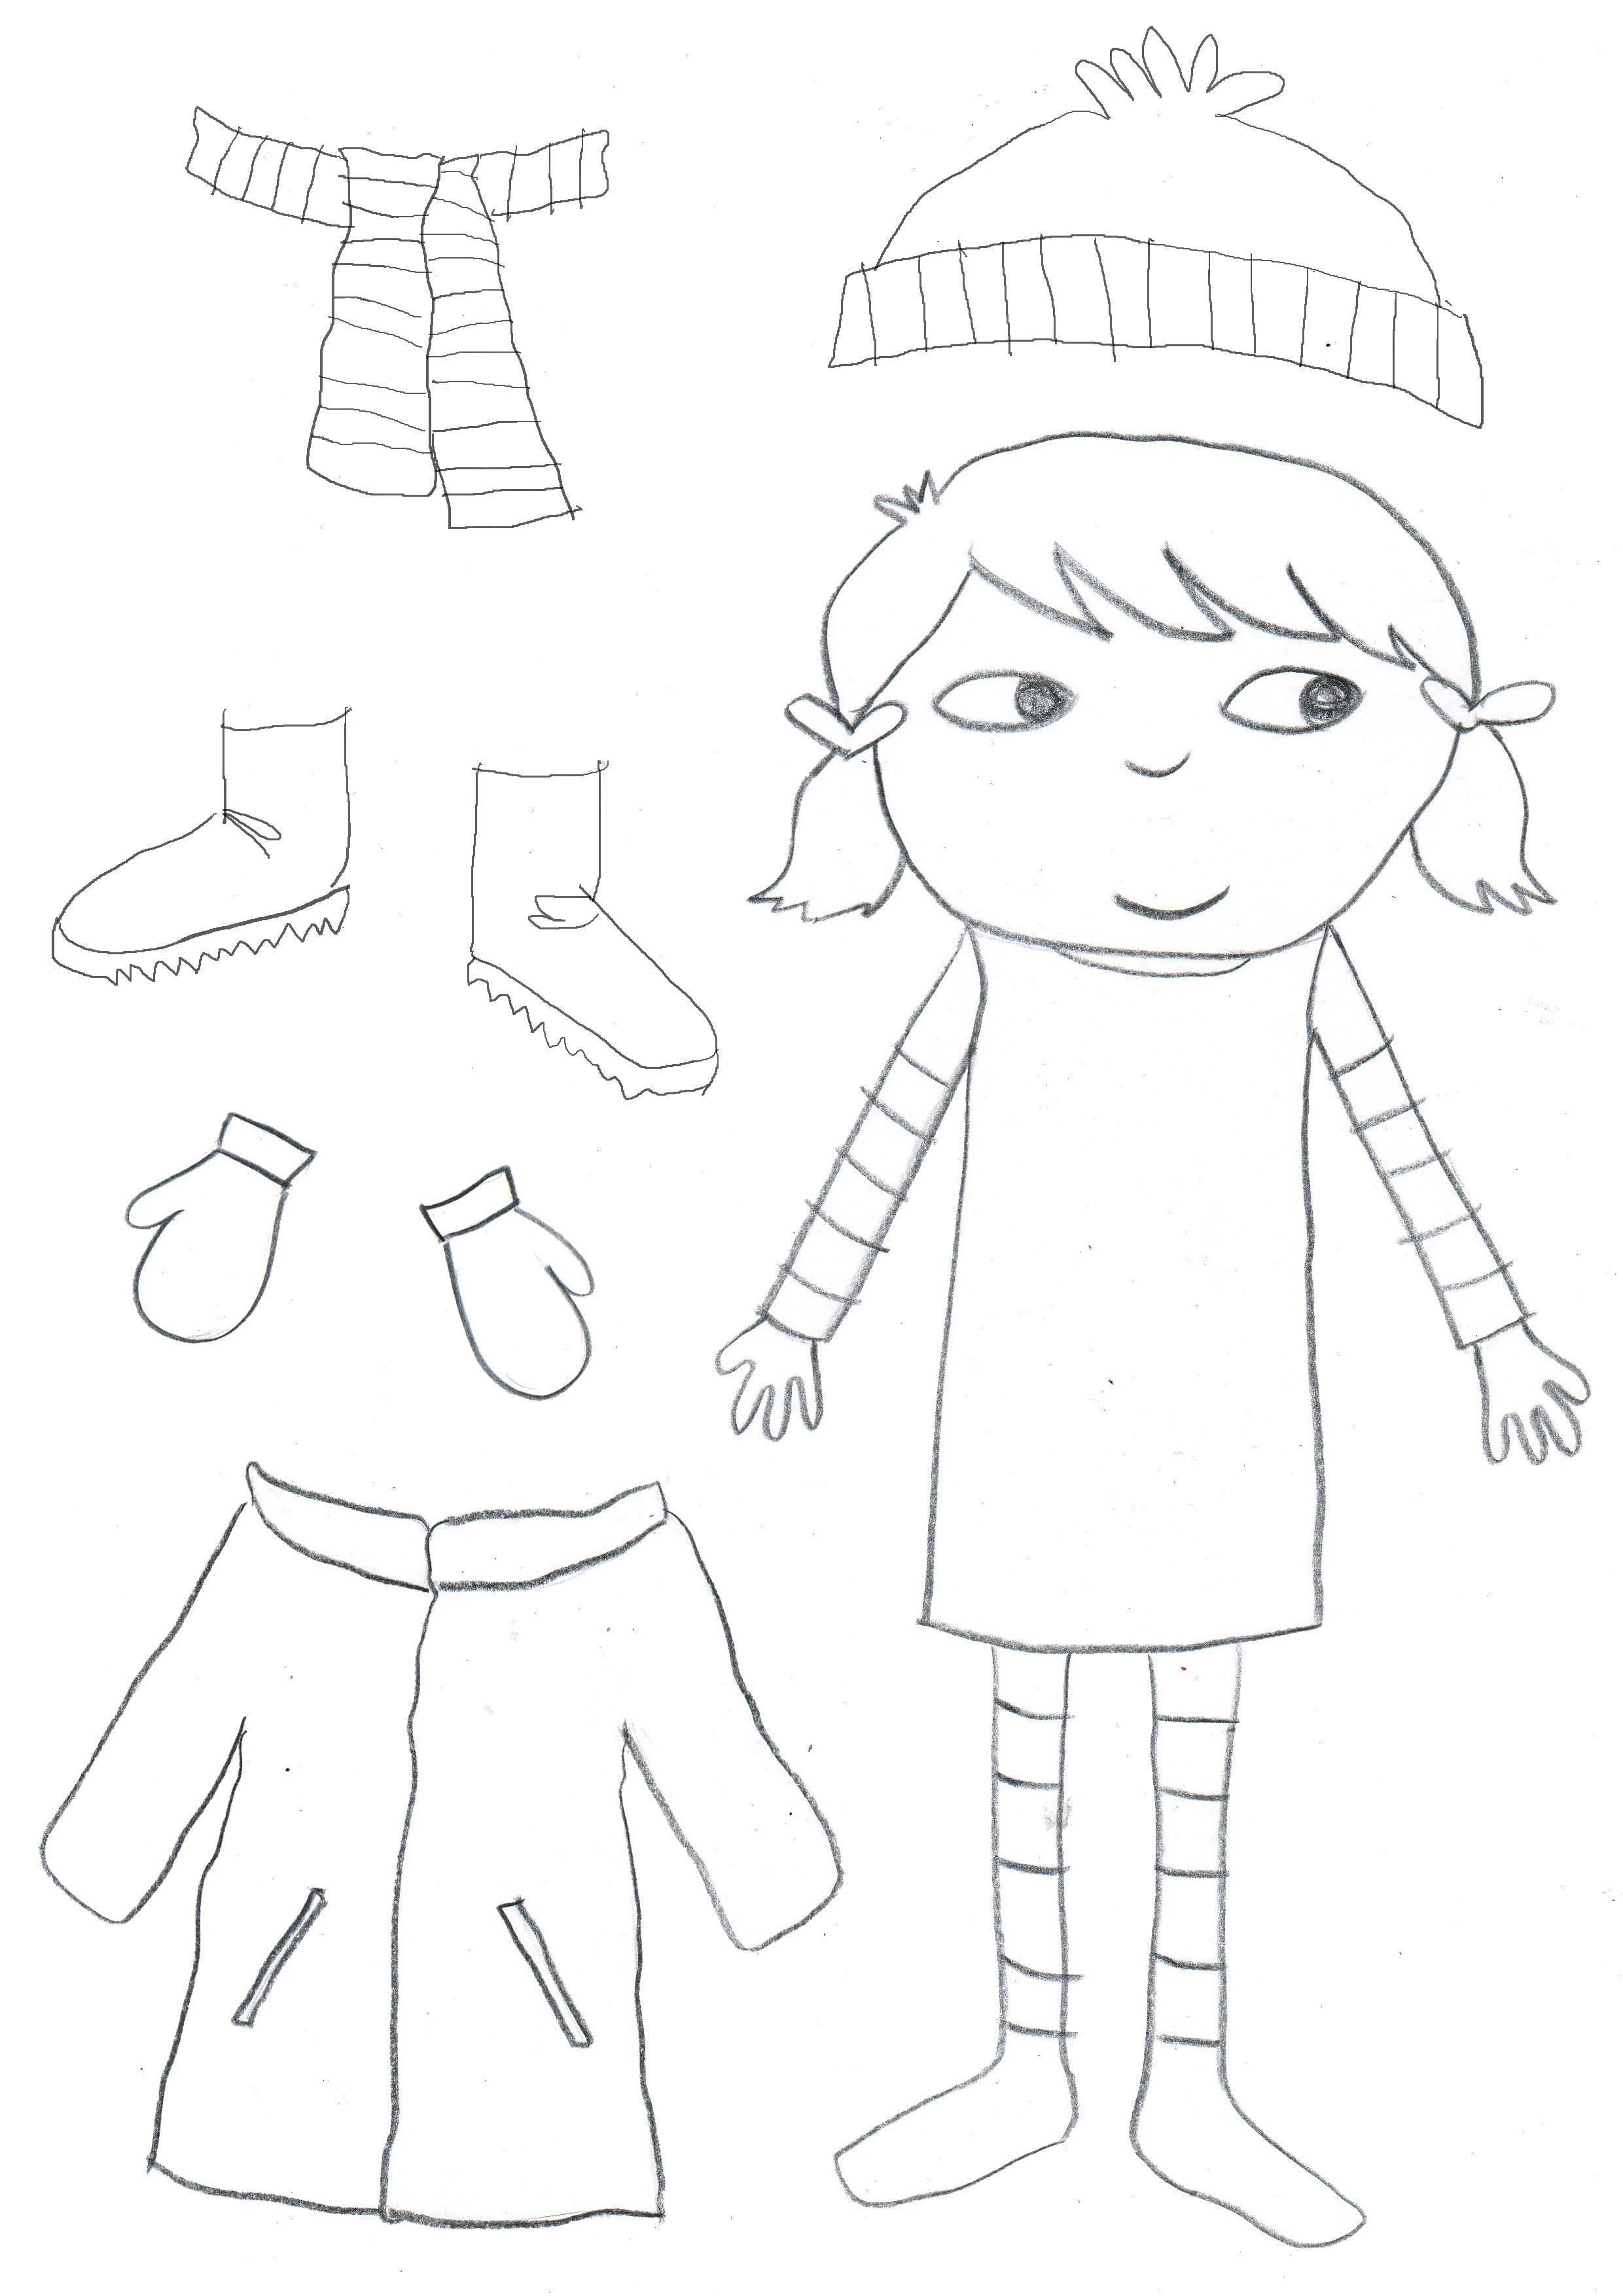 Женская одежда: Зимняя верхняя одежда